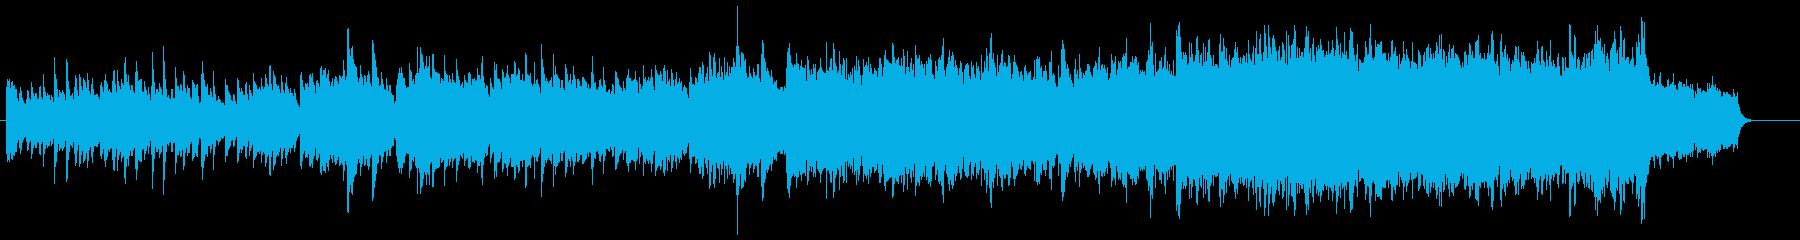 ストリングスの旋律が印象的なバラードの再生済みの波形